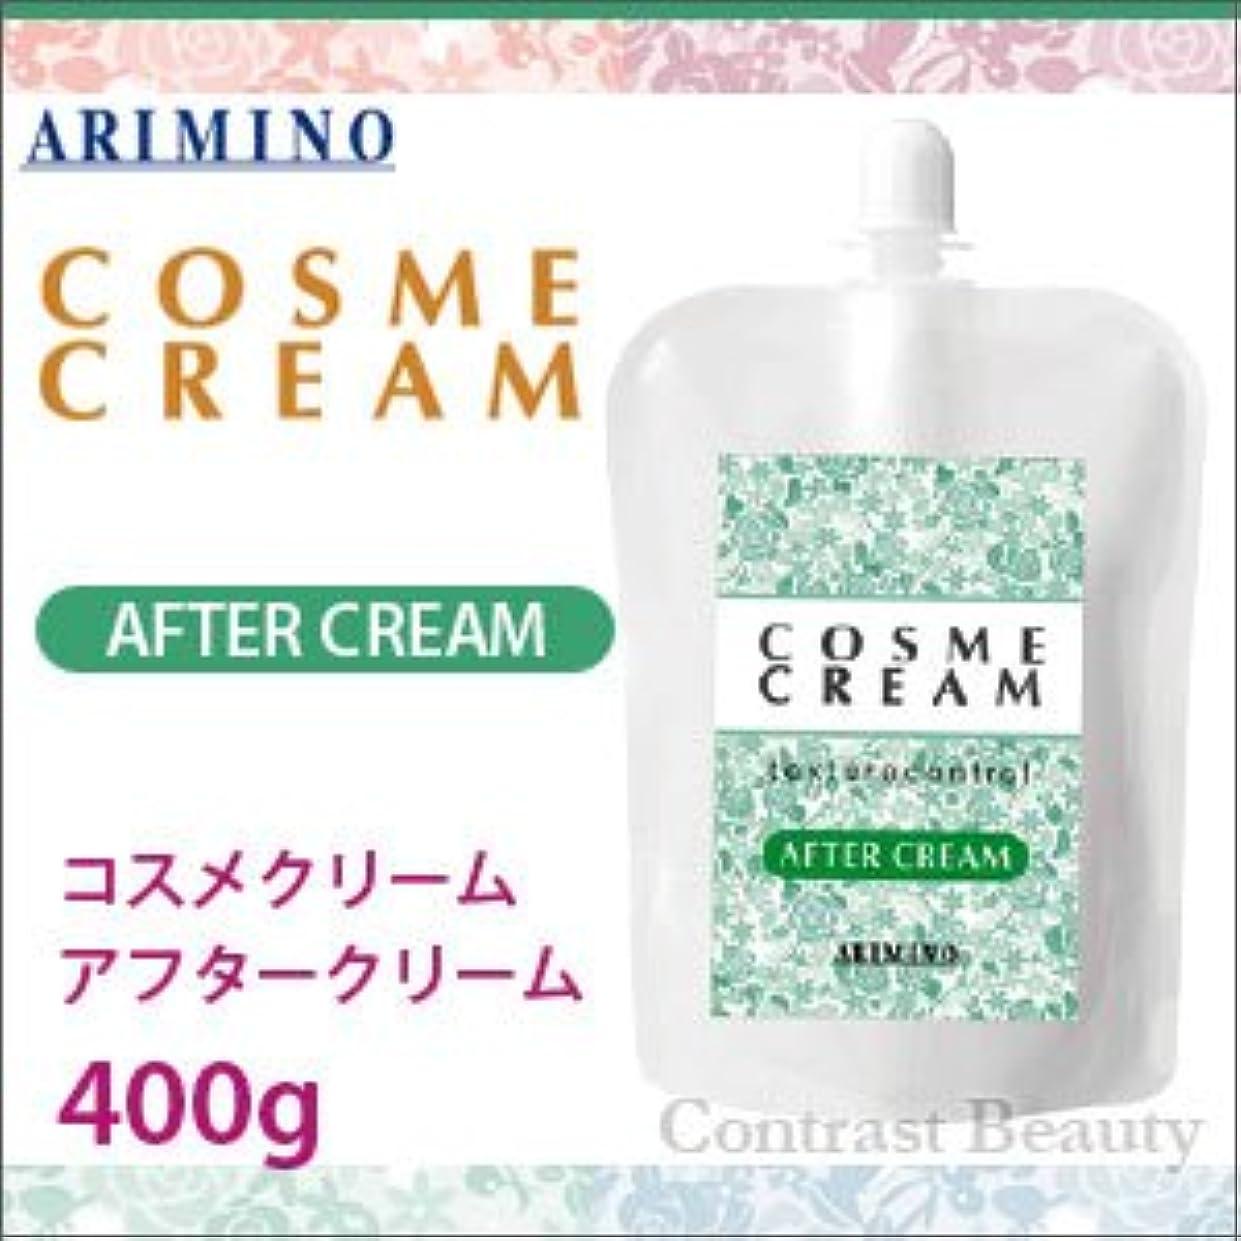 方法論トライアスリートアリミノ コスメクリーム アフタークリーム 400g